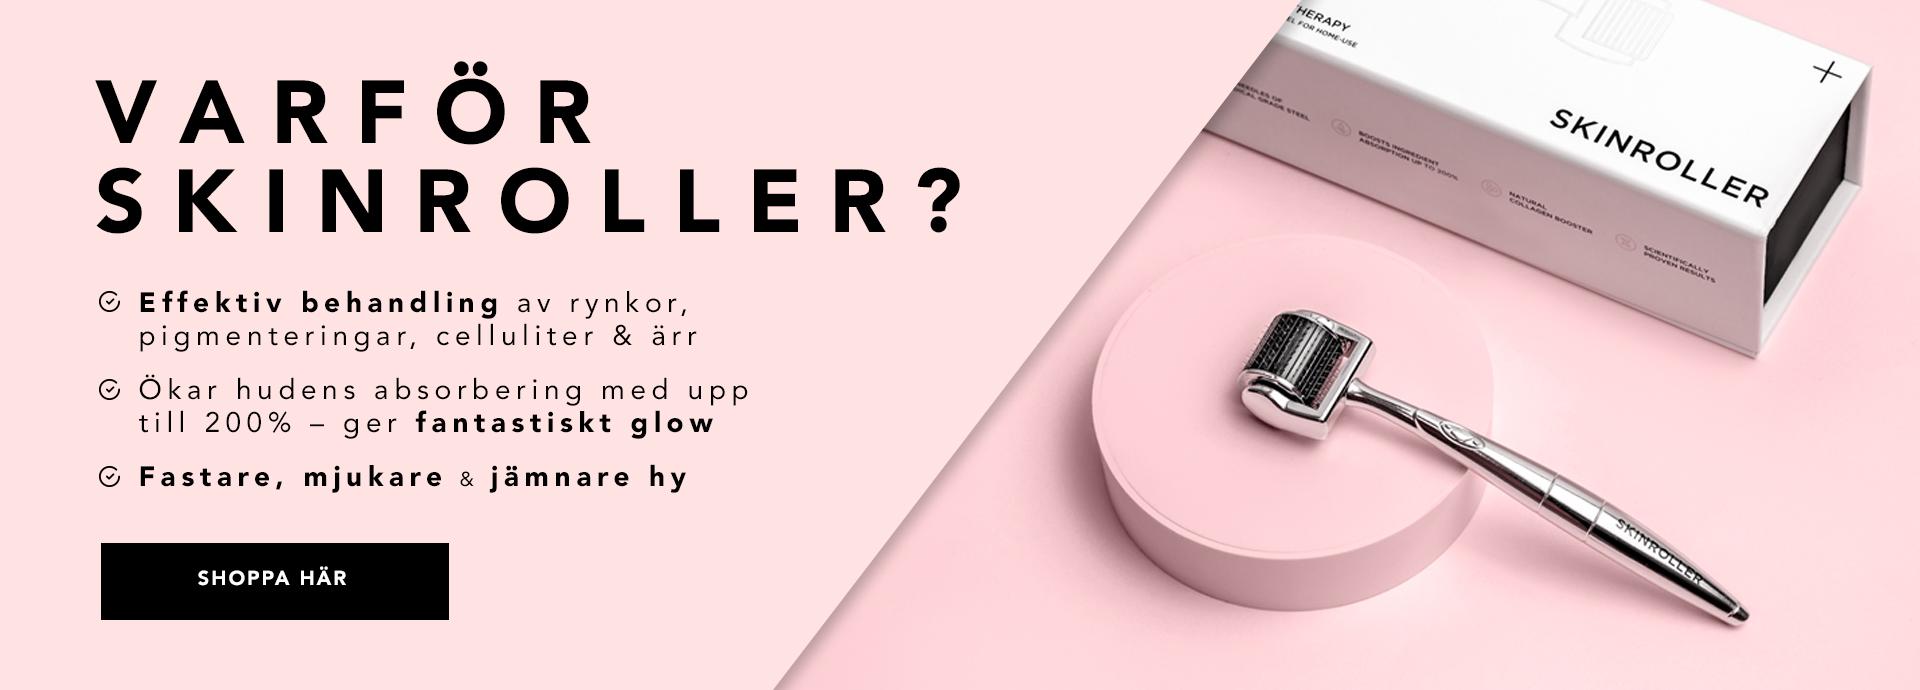 https://www.skinroller.se/image/6246/start-varfor-skinroller-dekstop1.jpg